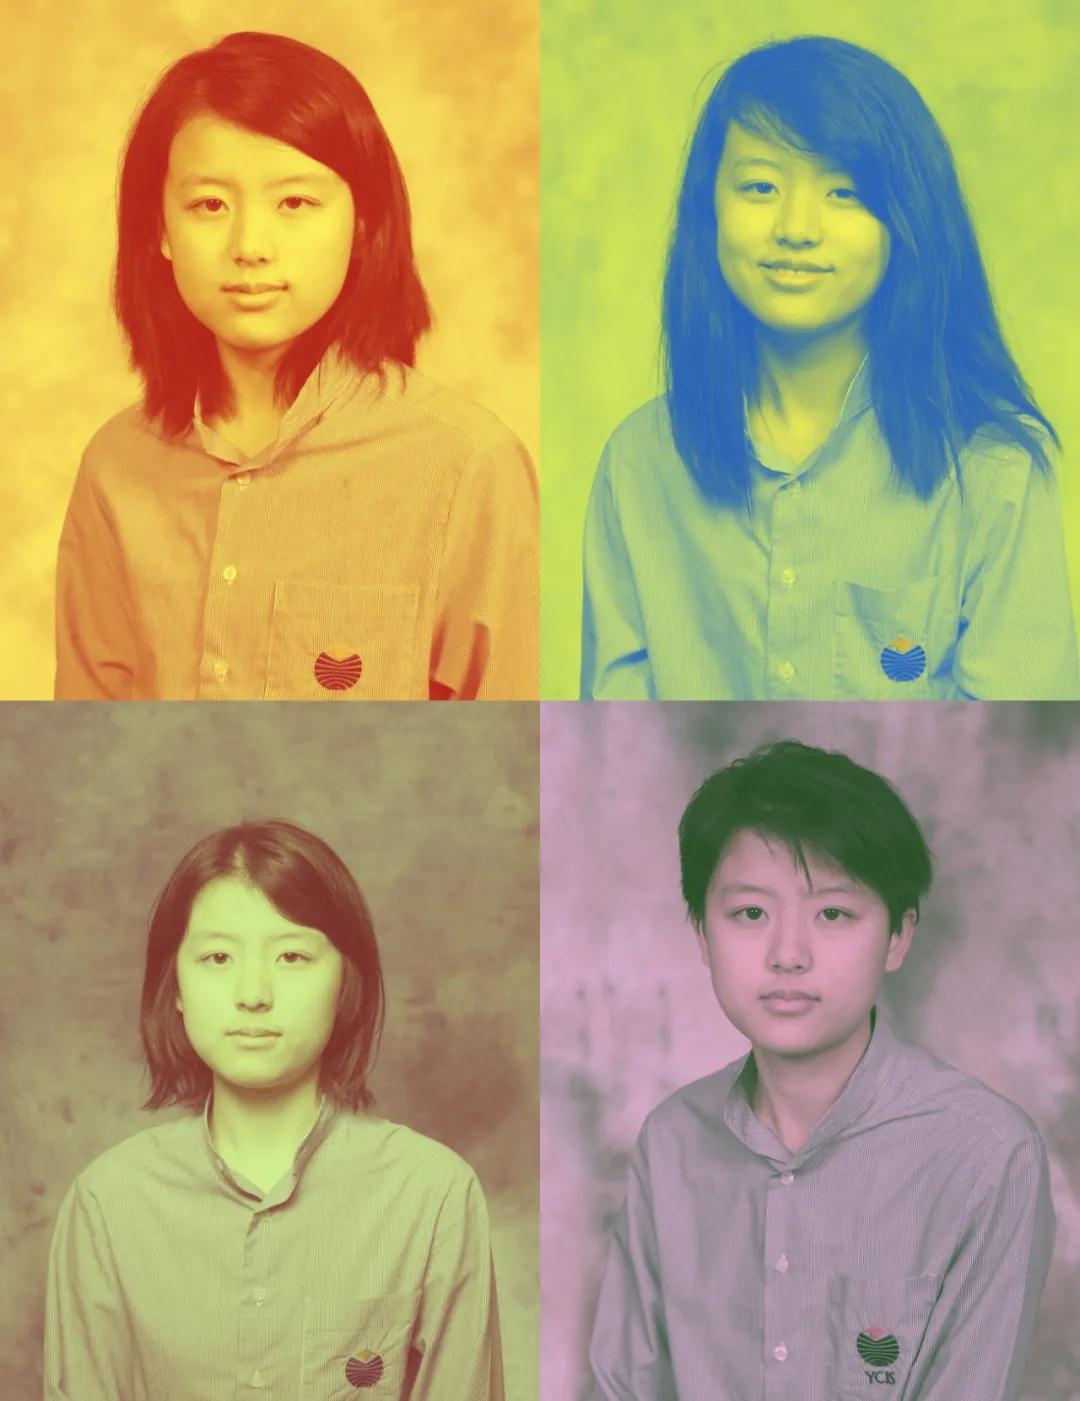 耀华国际教育学校:文学、哲学、人工智能……少女尹小乔的异想世